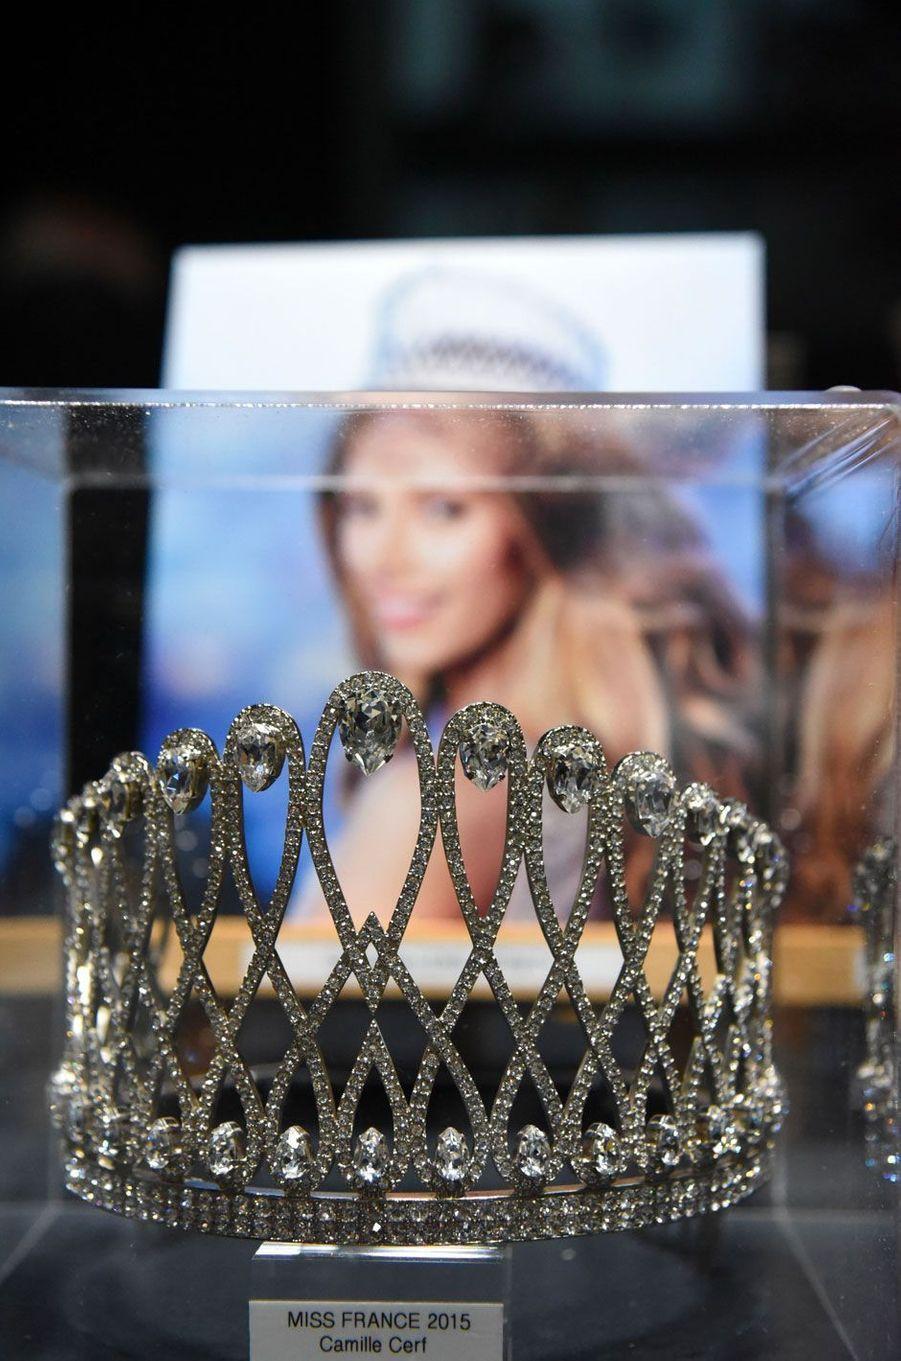 La couronne de Miss France 205